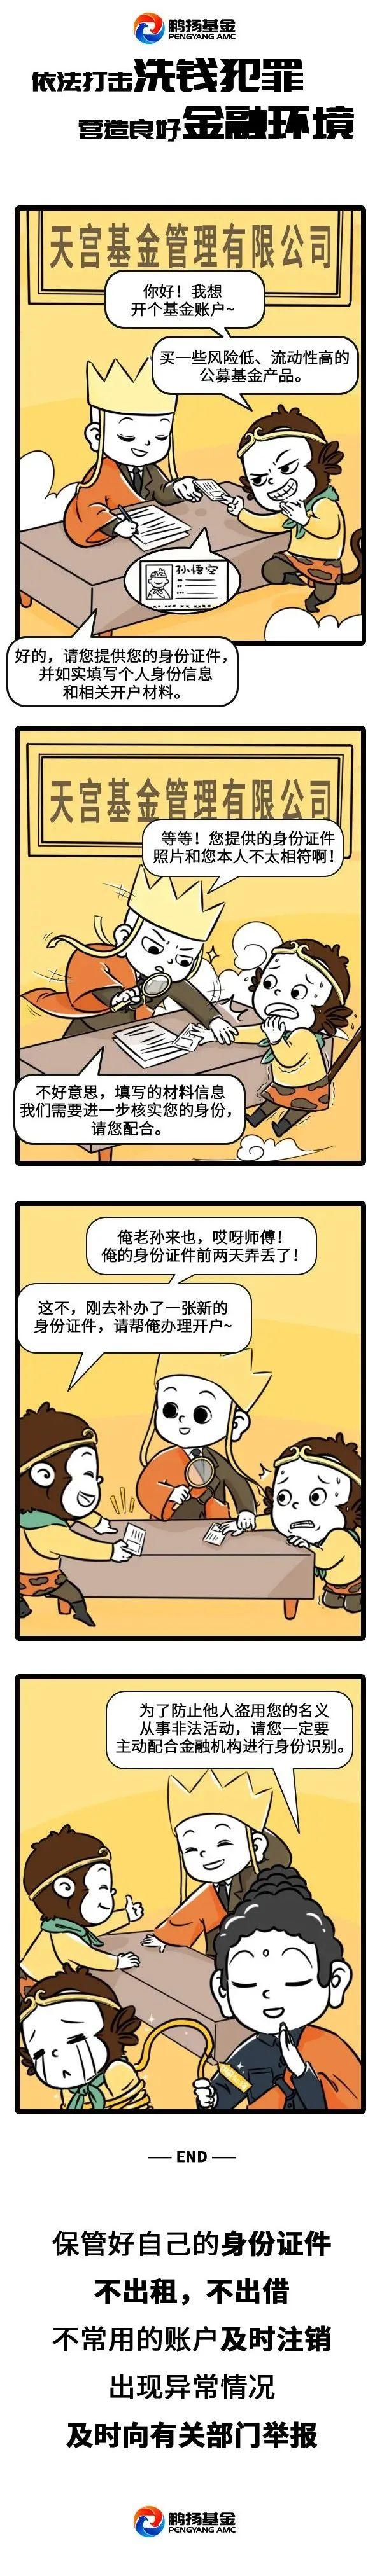 真假美猴王PK 火眼金睛辨洗钱 | 投教园地